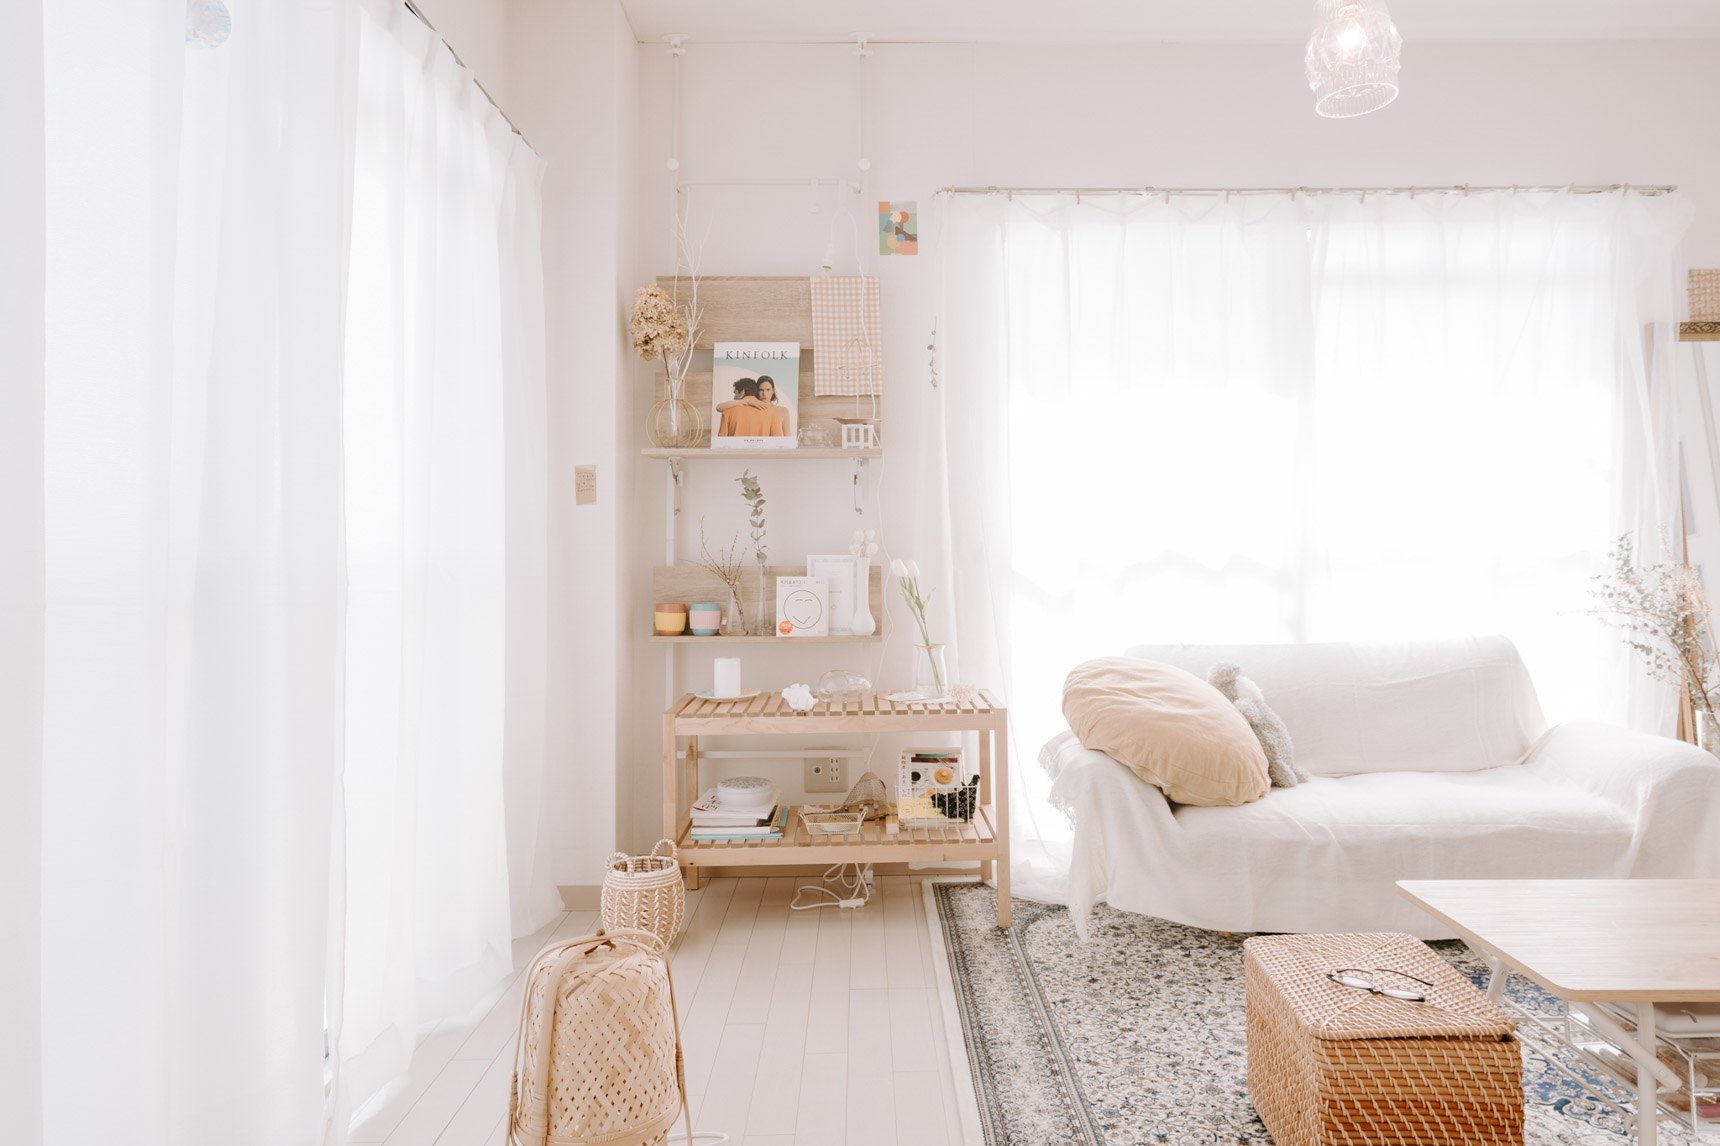 1DKのお部屋の隅に天井と床で突っ張り棒を渡し、ウォールシェルフ型の飾り棚を作成。デッドスペースになりがちな場所の有効活用事例です。